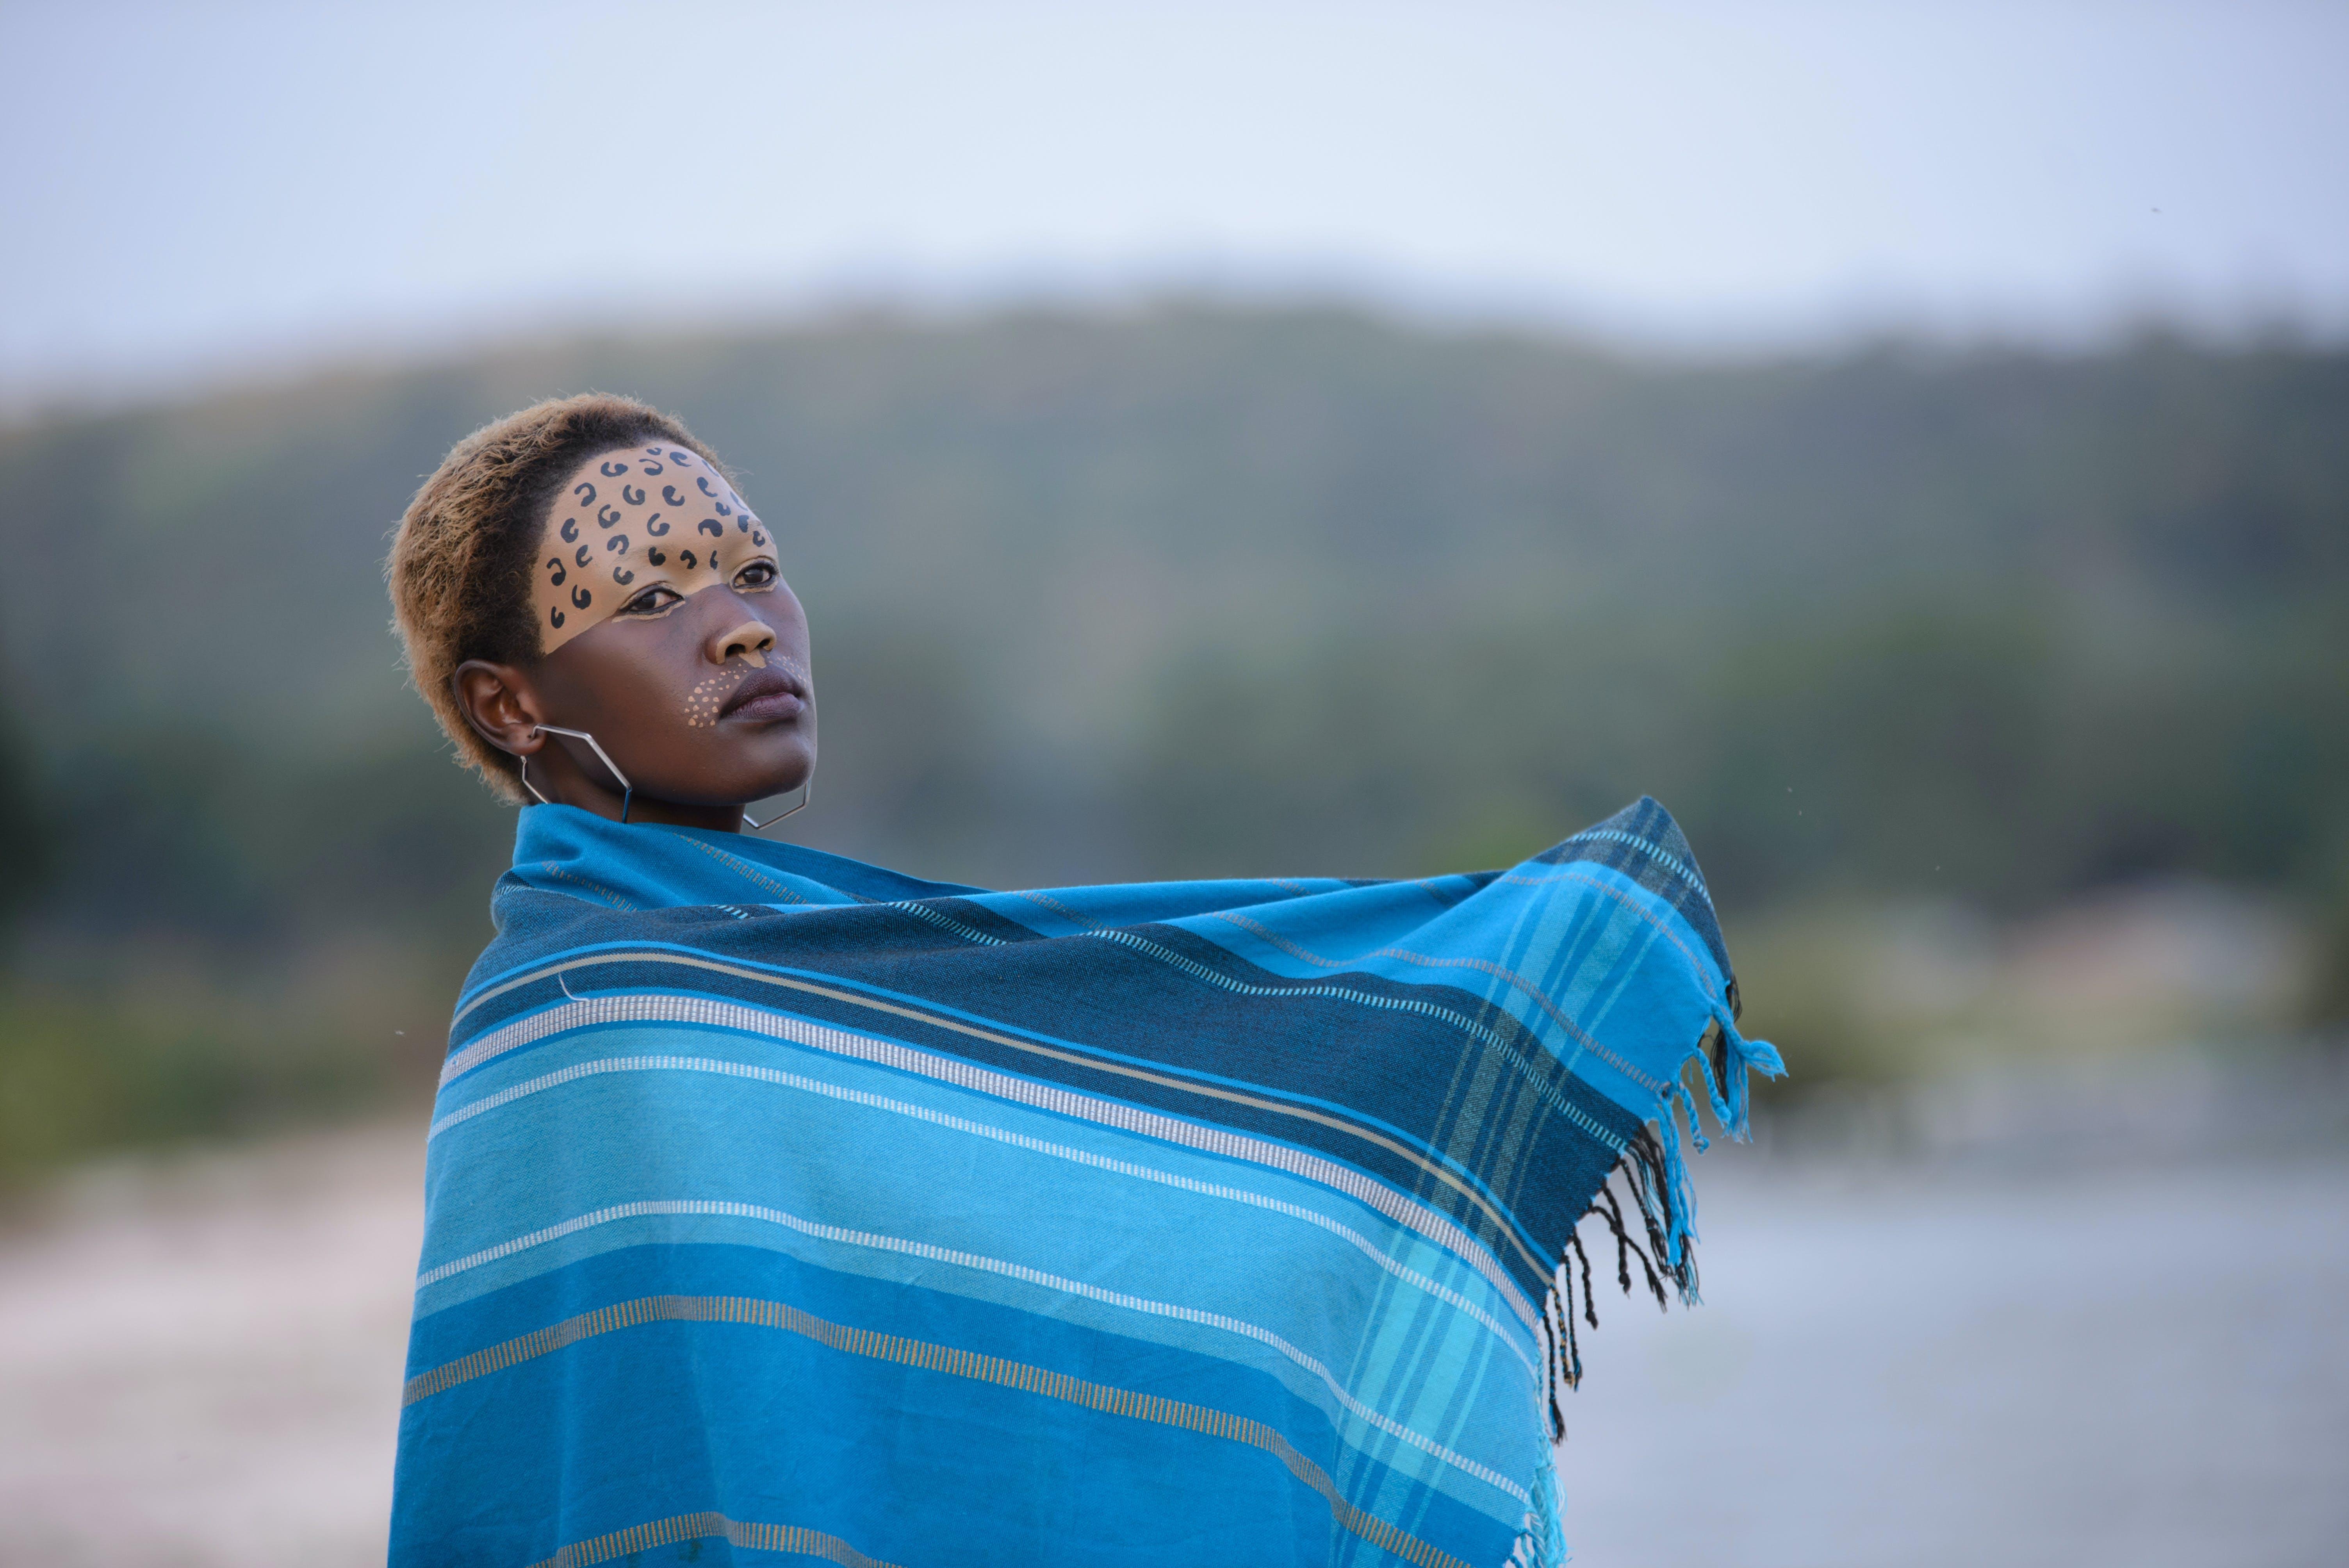 アフリカ系アメリカ人女性, スカーフ, ファッション, フェイスペイントの無料の写真素材